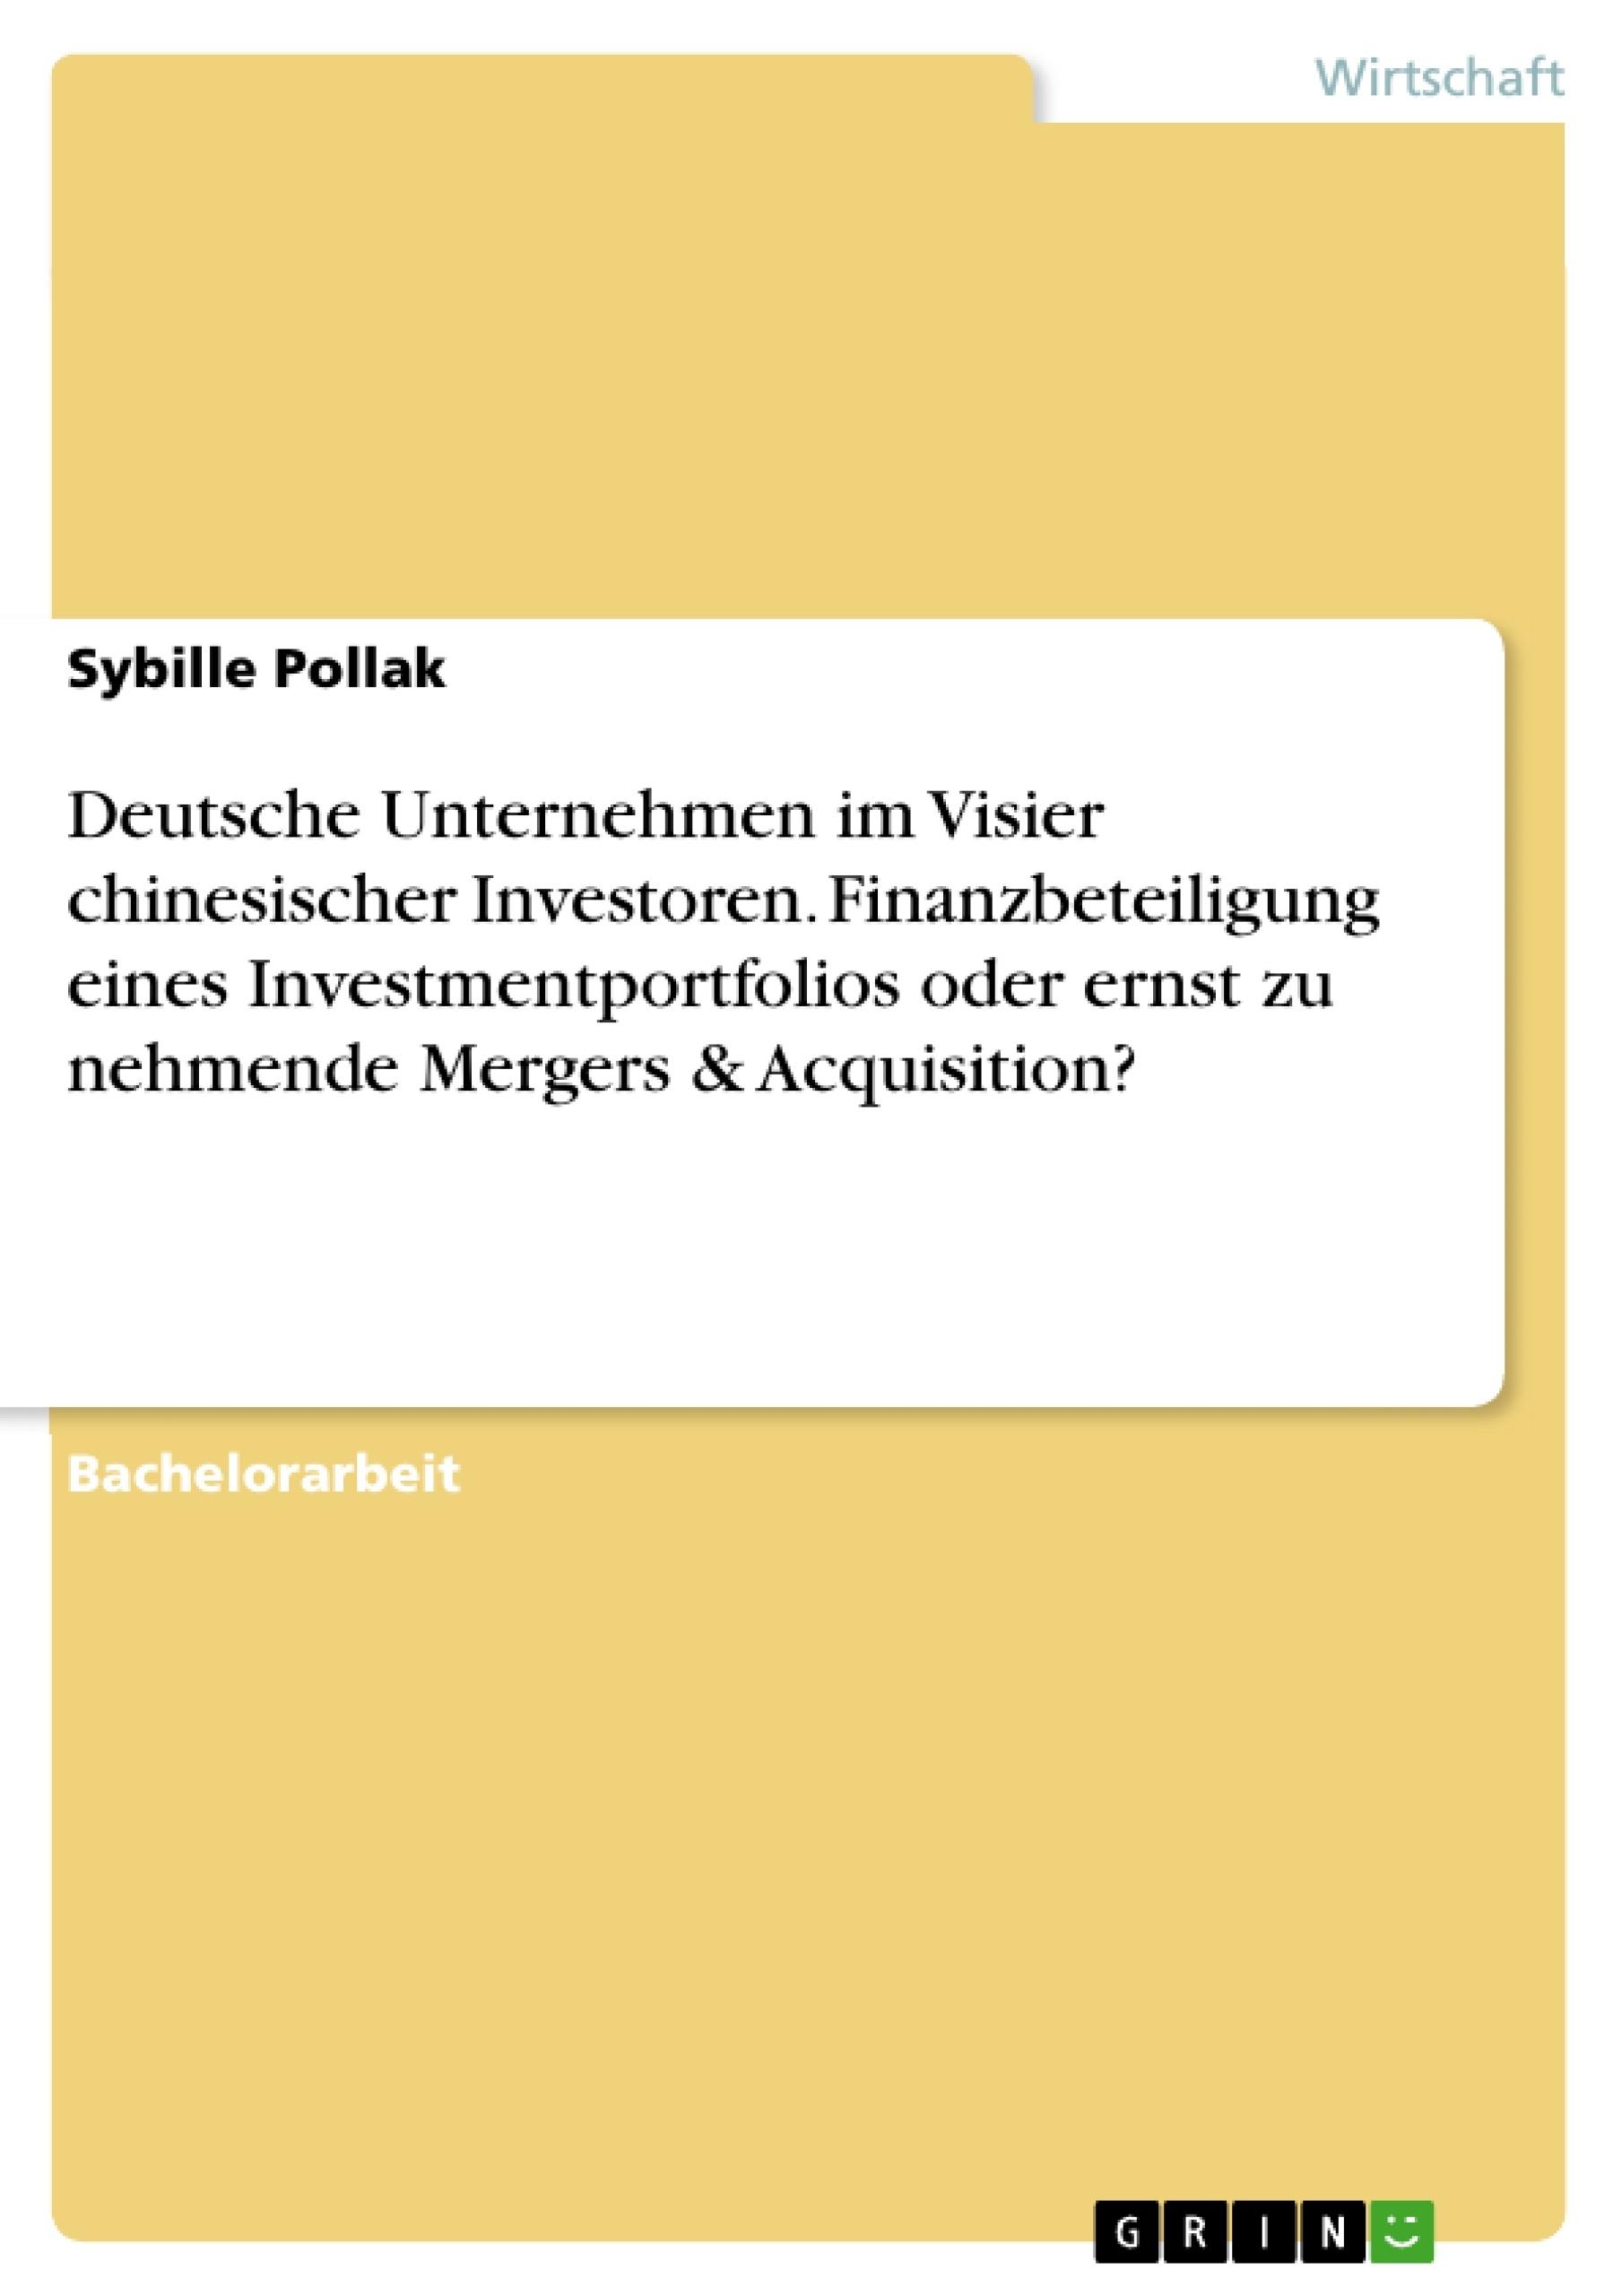 Titel: Deutsche Unternehmen im Visier chinesischer Investoren. Finanzbeteiligung eines Investmentportfolios oder ernst zu nehmende Mergers & Acquisition?